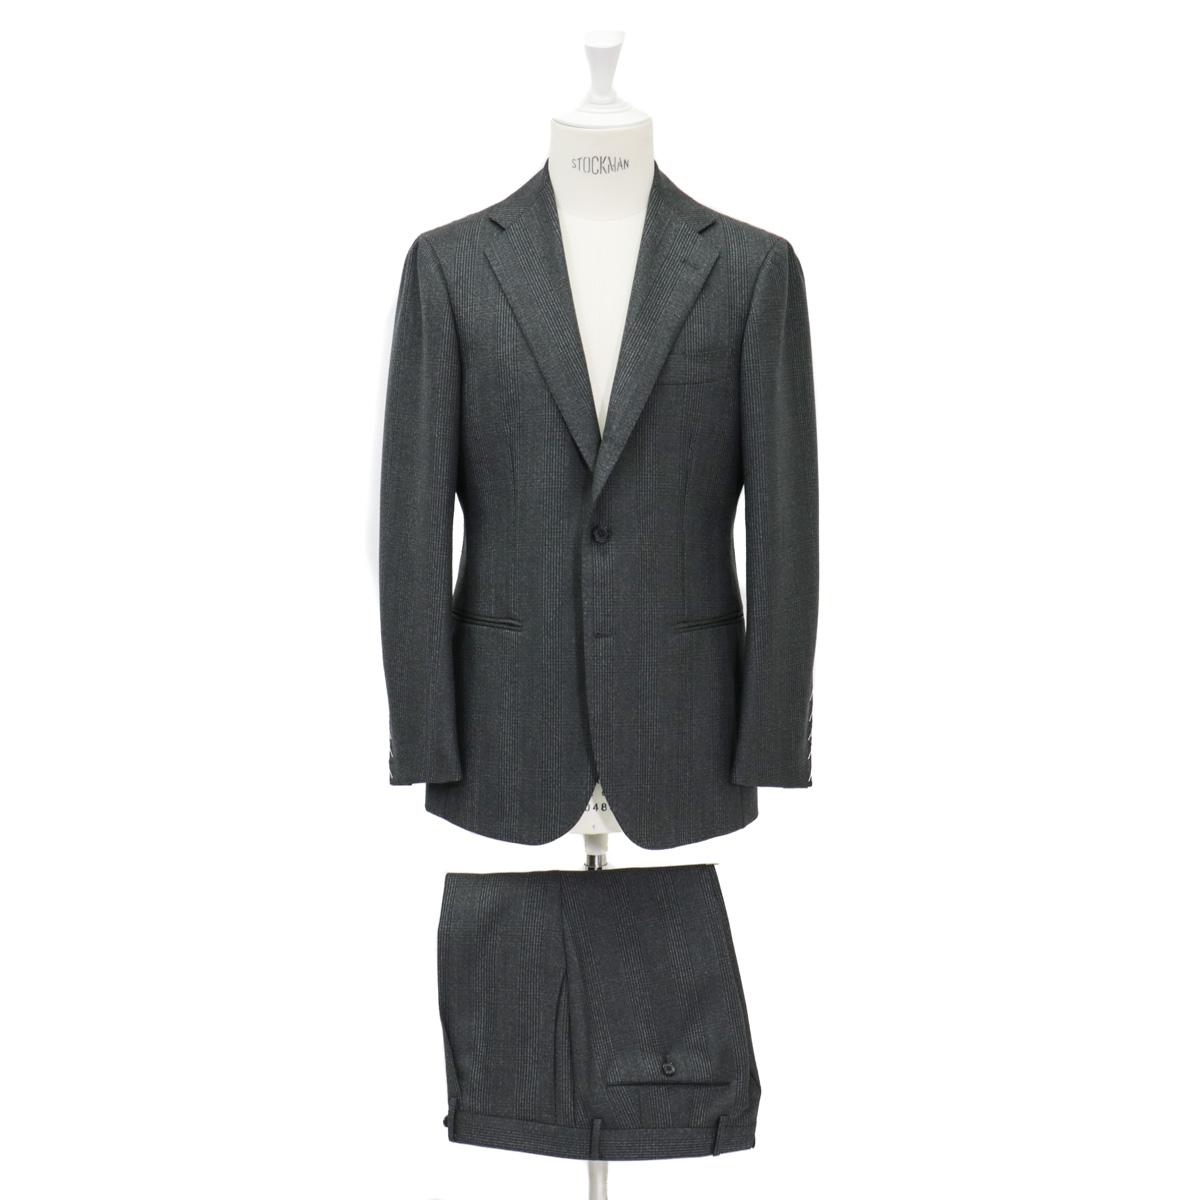 RING JACKET リングヂャケットModel No-253EH S-172HKYNOCH3Bスーツ【グリーン】